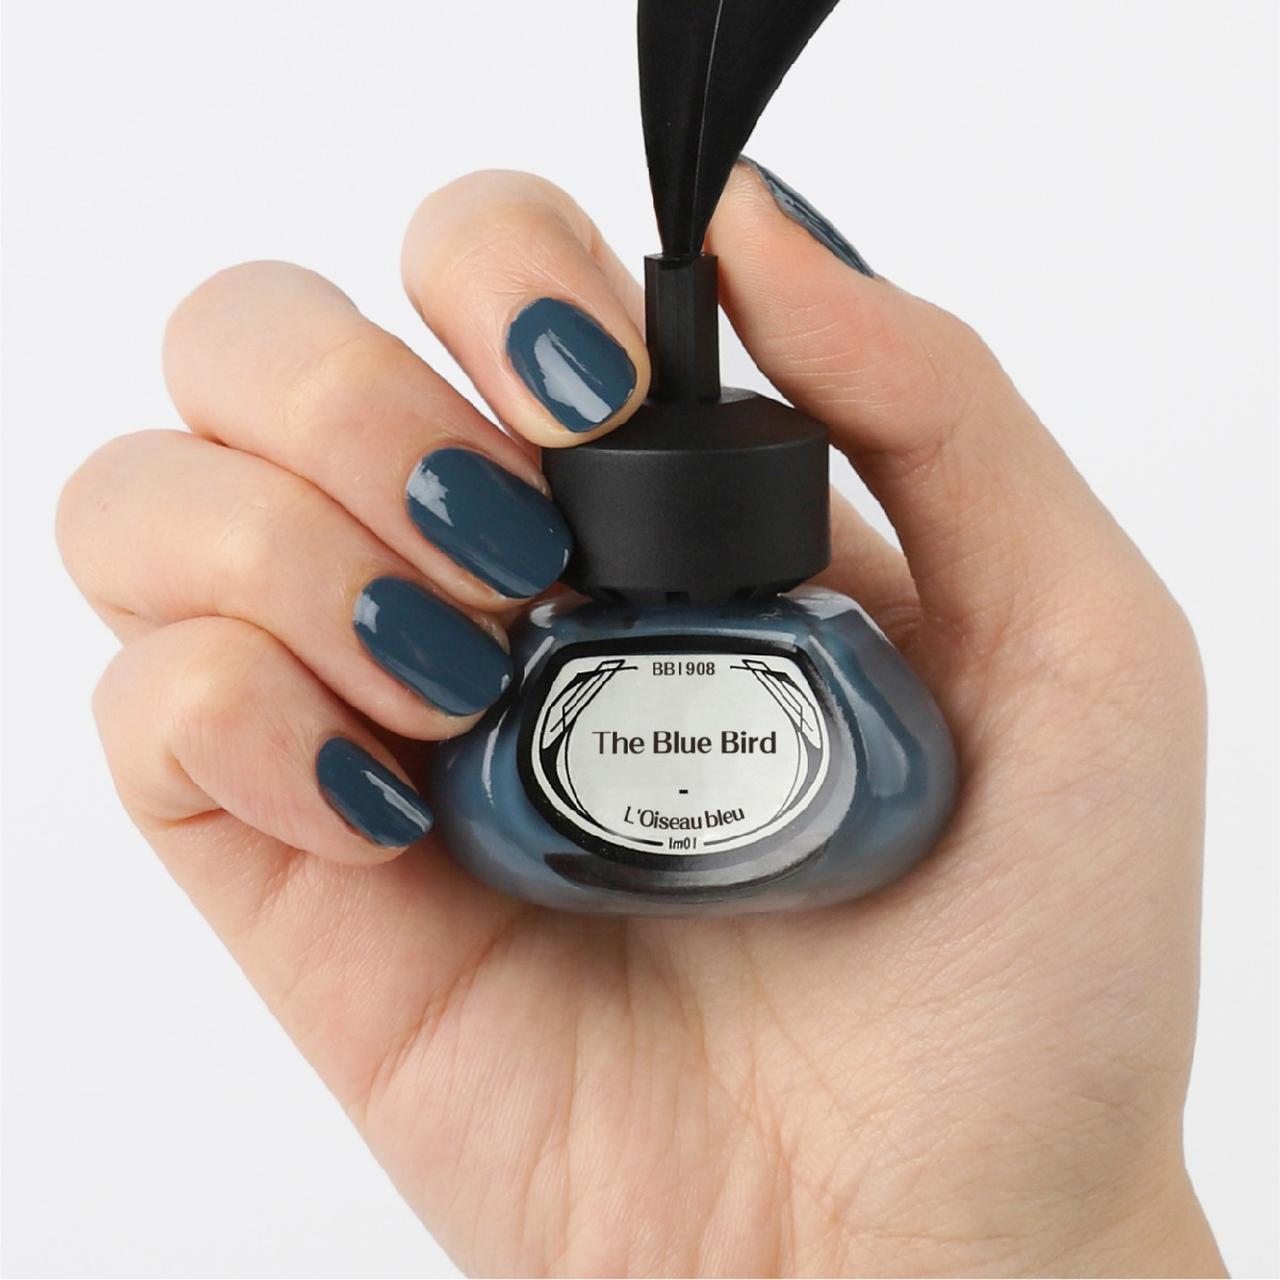 画像: et seq. | 台湾 | 羽根ペンネイルポリッシュ(1,480 円) 羽根ペンをかたどったブラシ・インク瓶のようなボトルのネイル。 知的さが漂う洗練されたネイビーブルーは、青い鳥をイメージして作られたそう。 こっくりとしたカラーで指先から秋冬を演出してみて。 jp.pinkoi.com